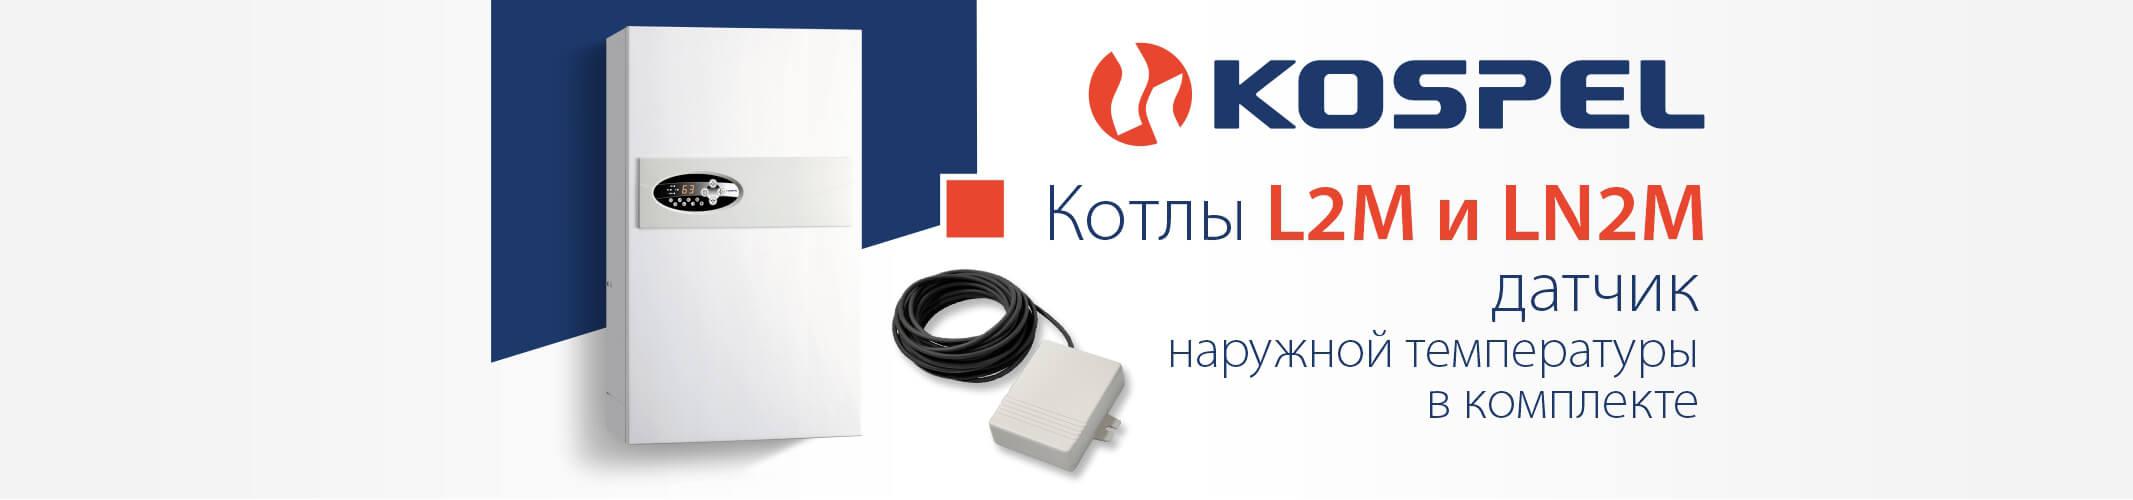 Комплектация котлов серии LN2M и L2M датчиками наружной температуры